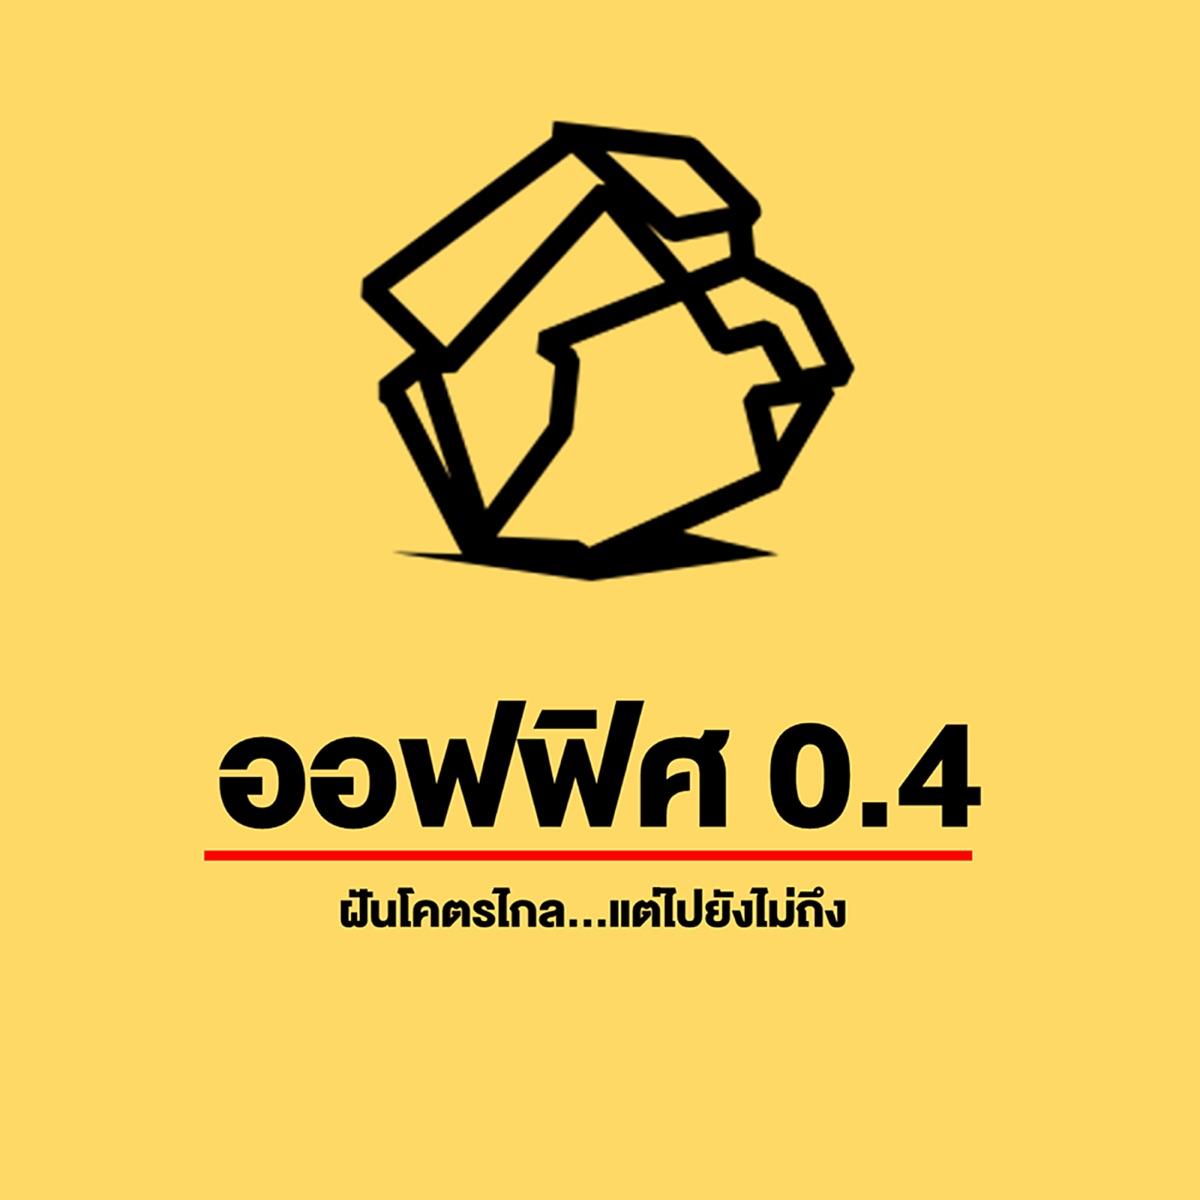 ออฟฟิศ 0.4